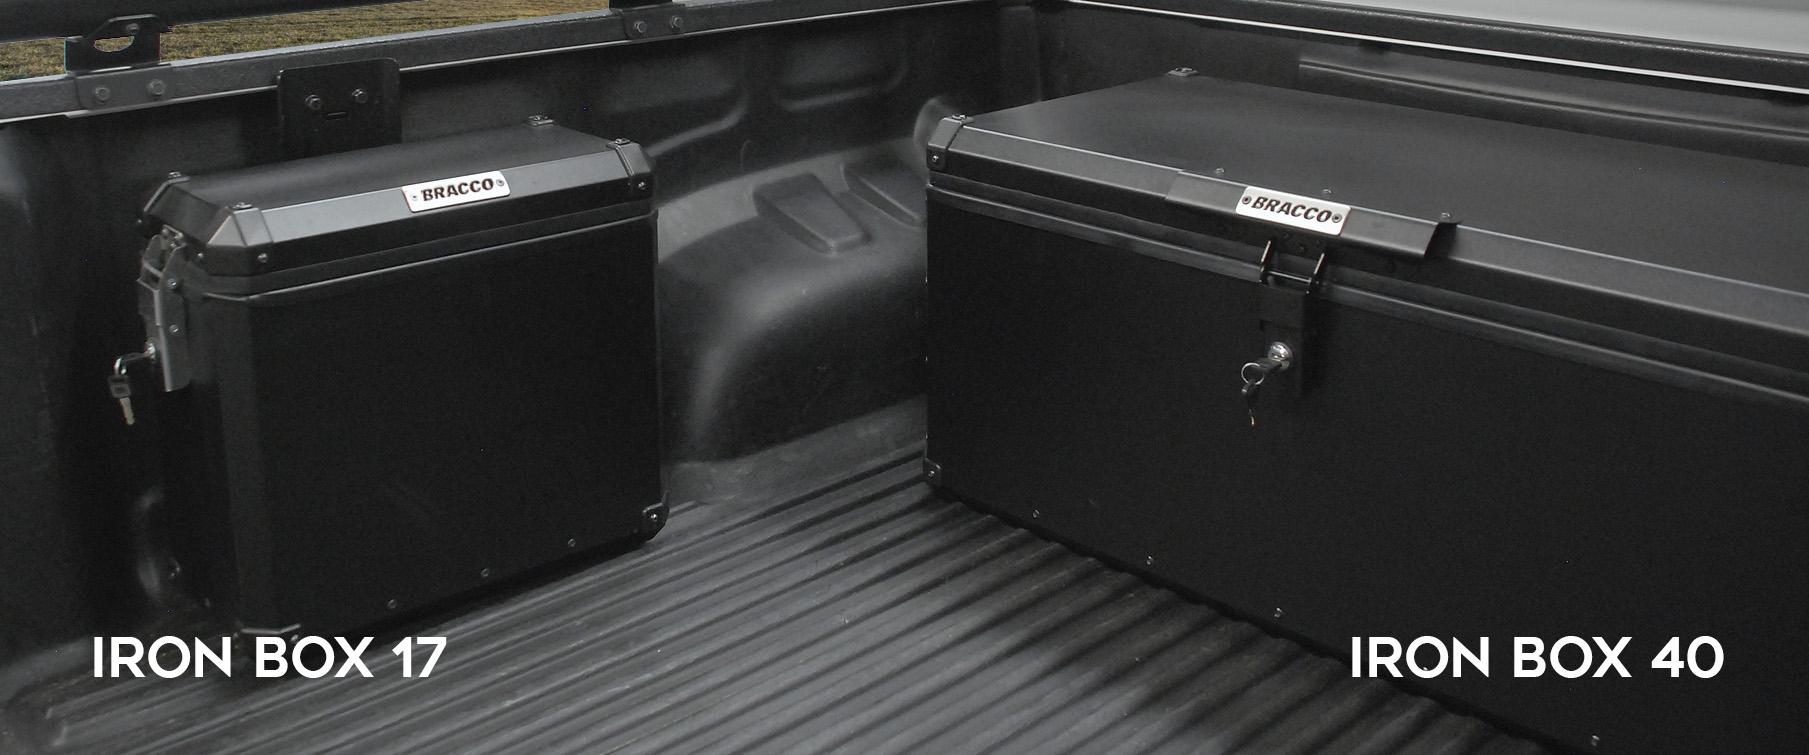 box40 box17 bracco